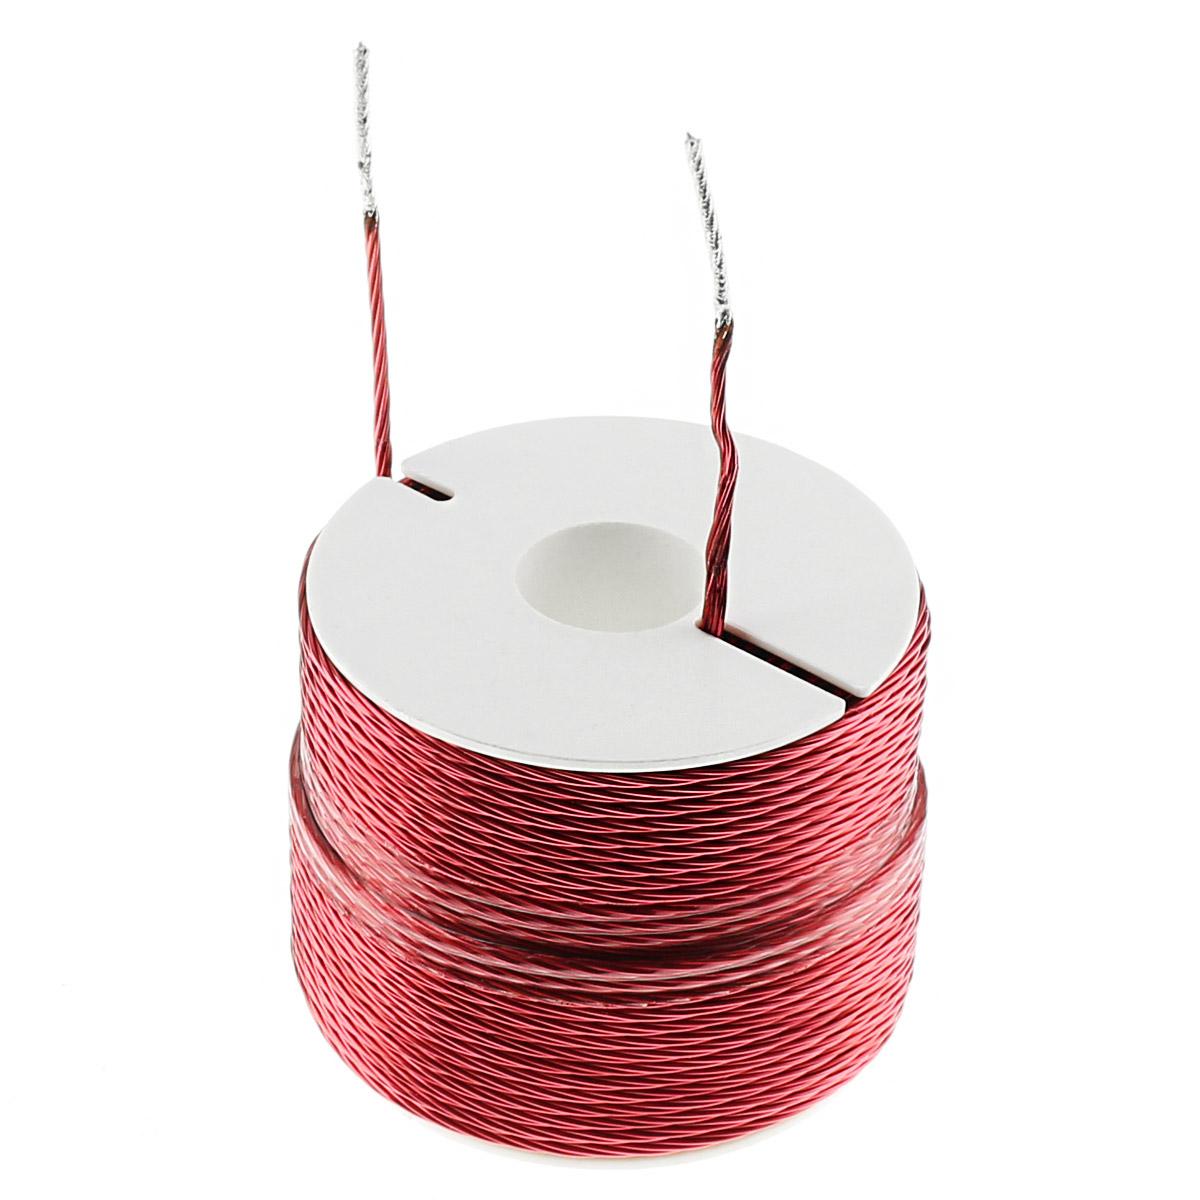 MUNDORF LL60 7 Strands Copper Wire Coil 0.1mH